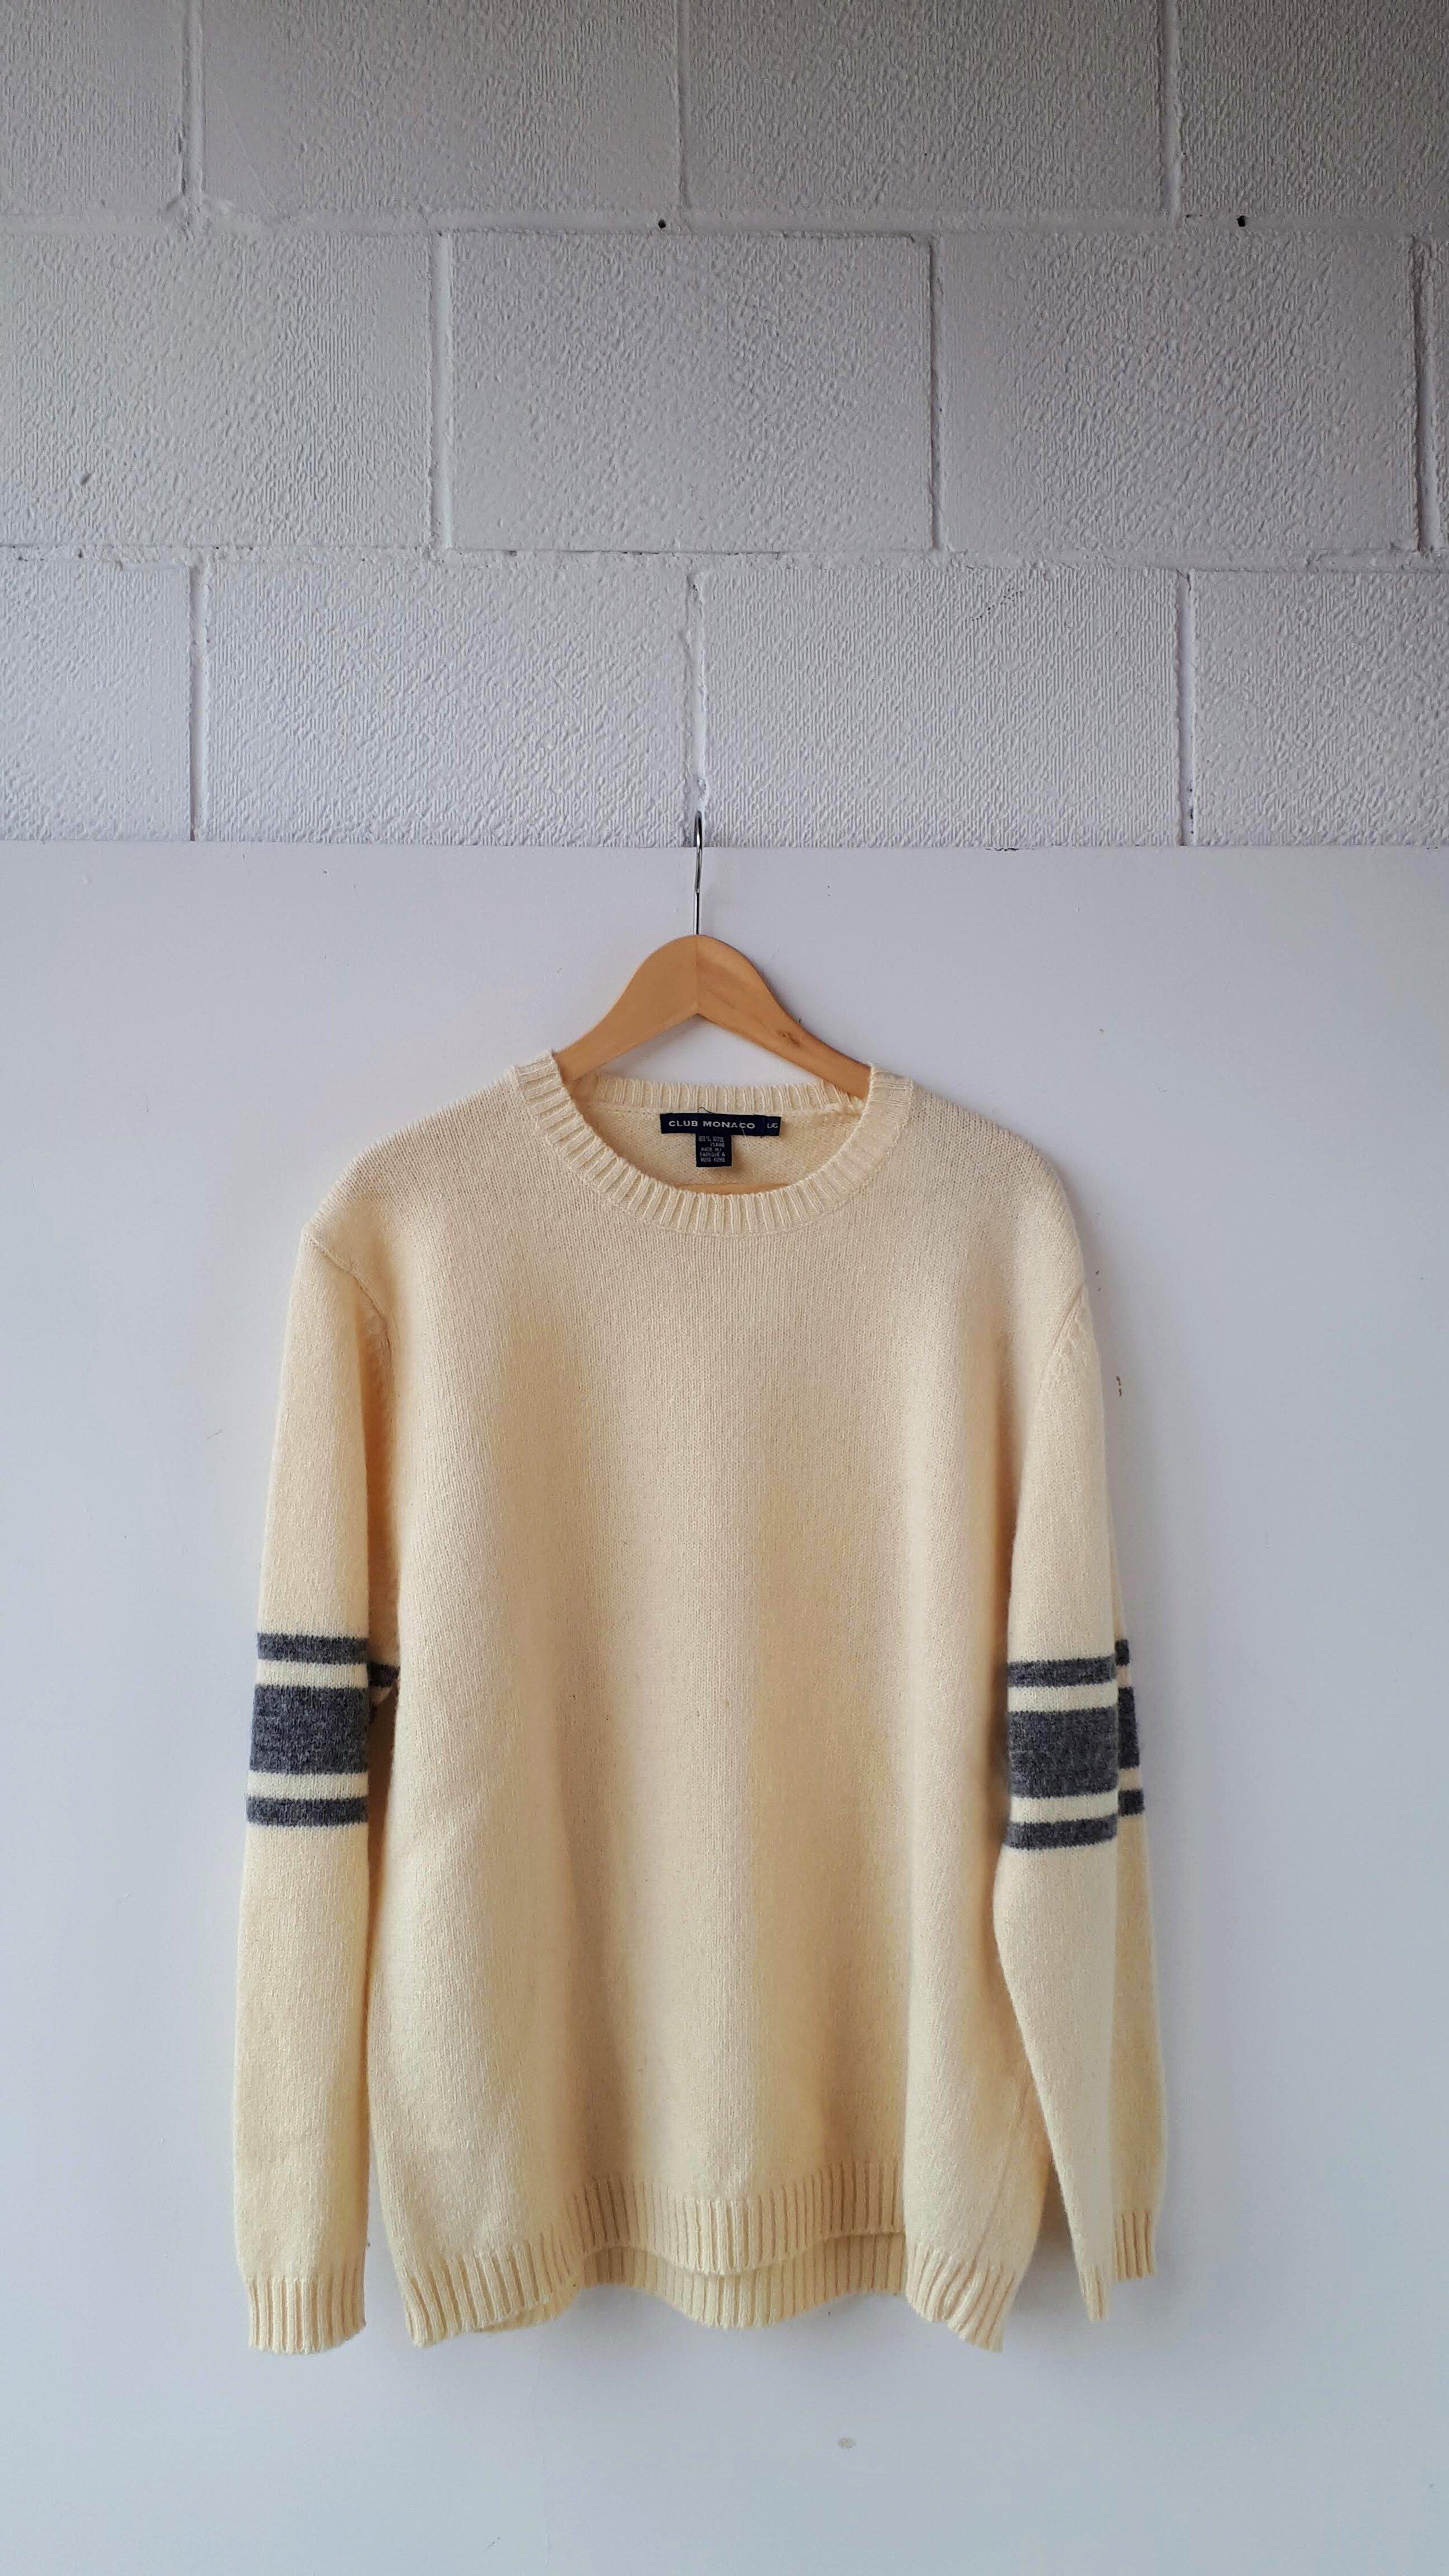 Club Monaco sweater; Men's size L, $40